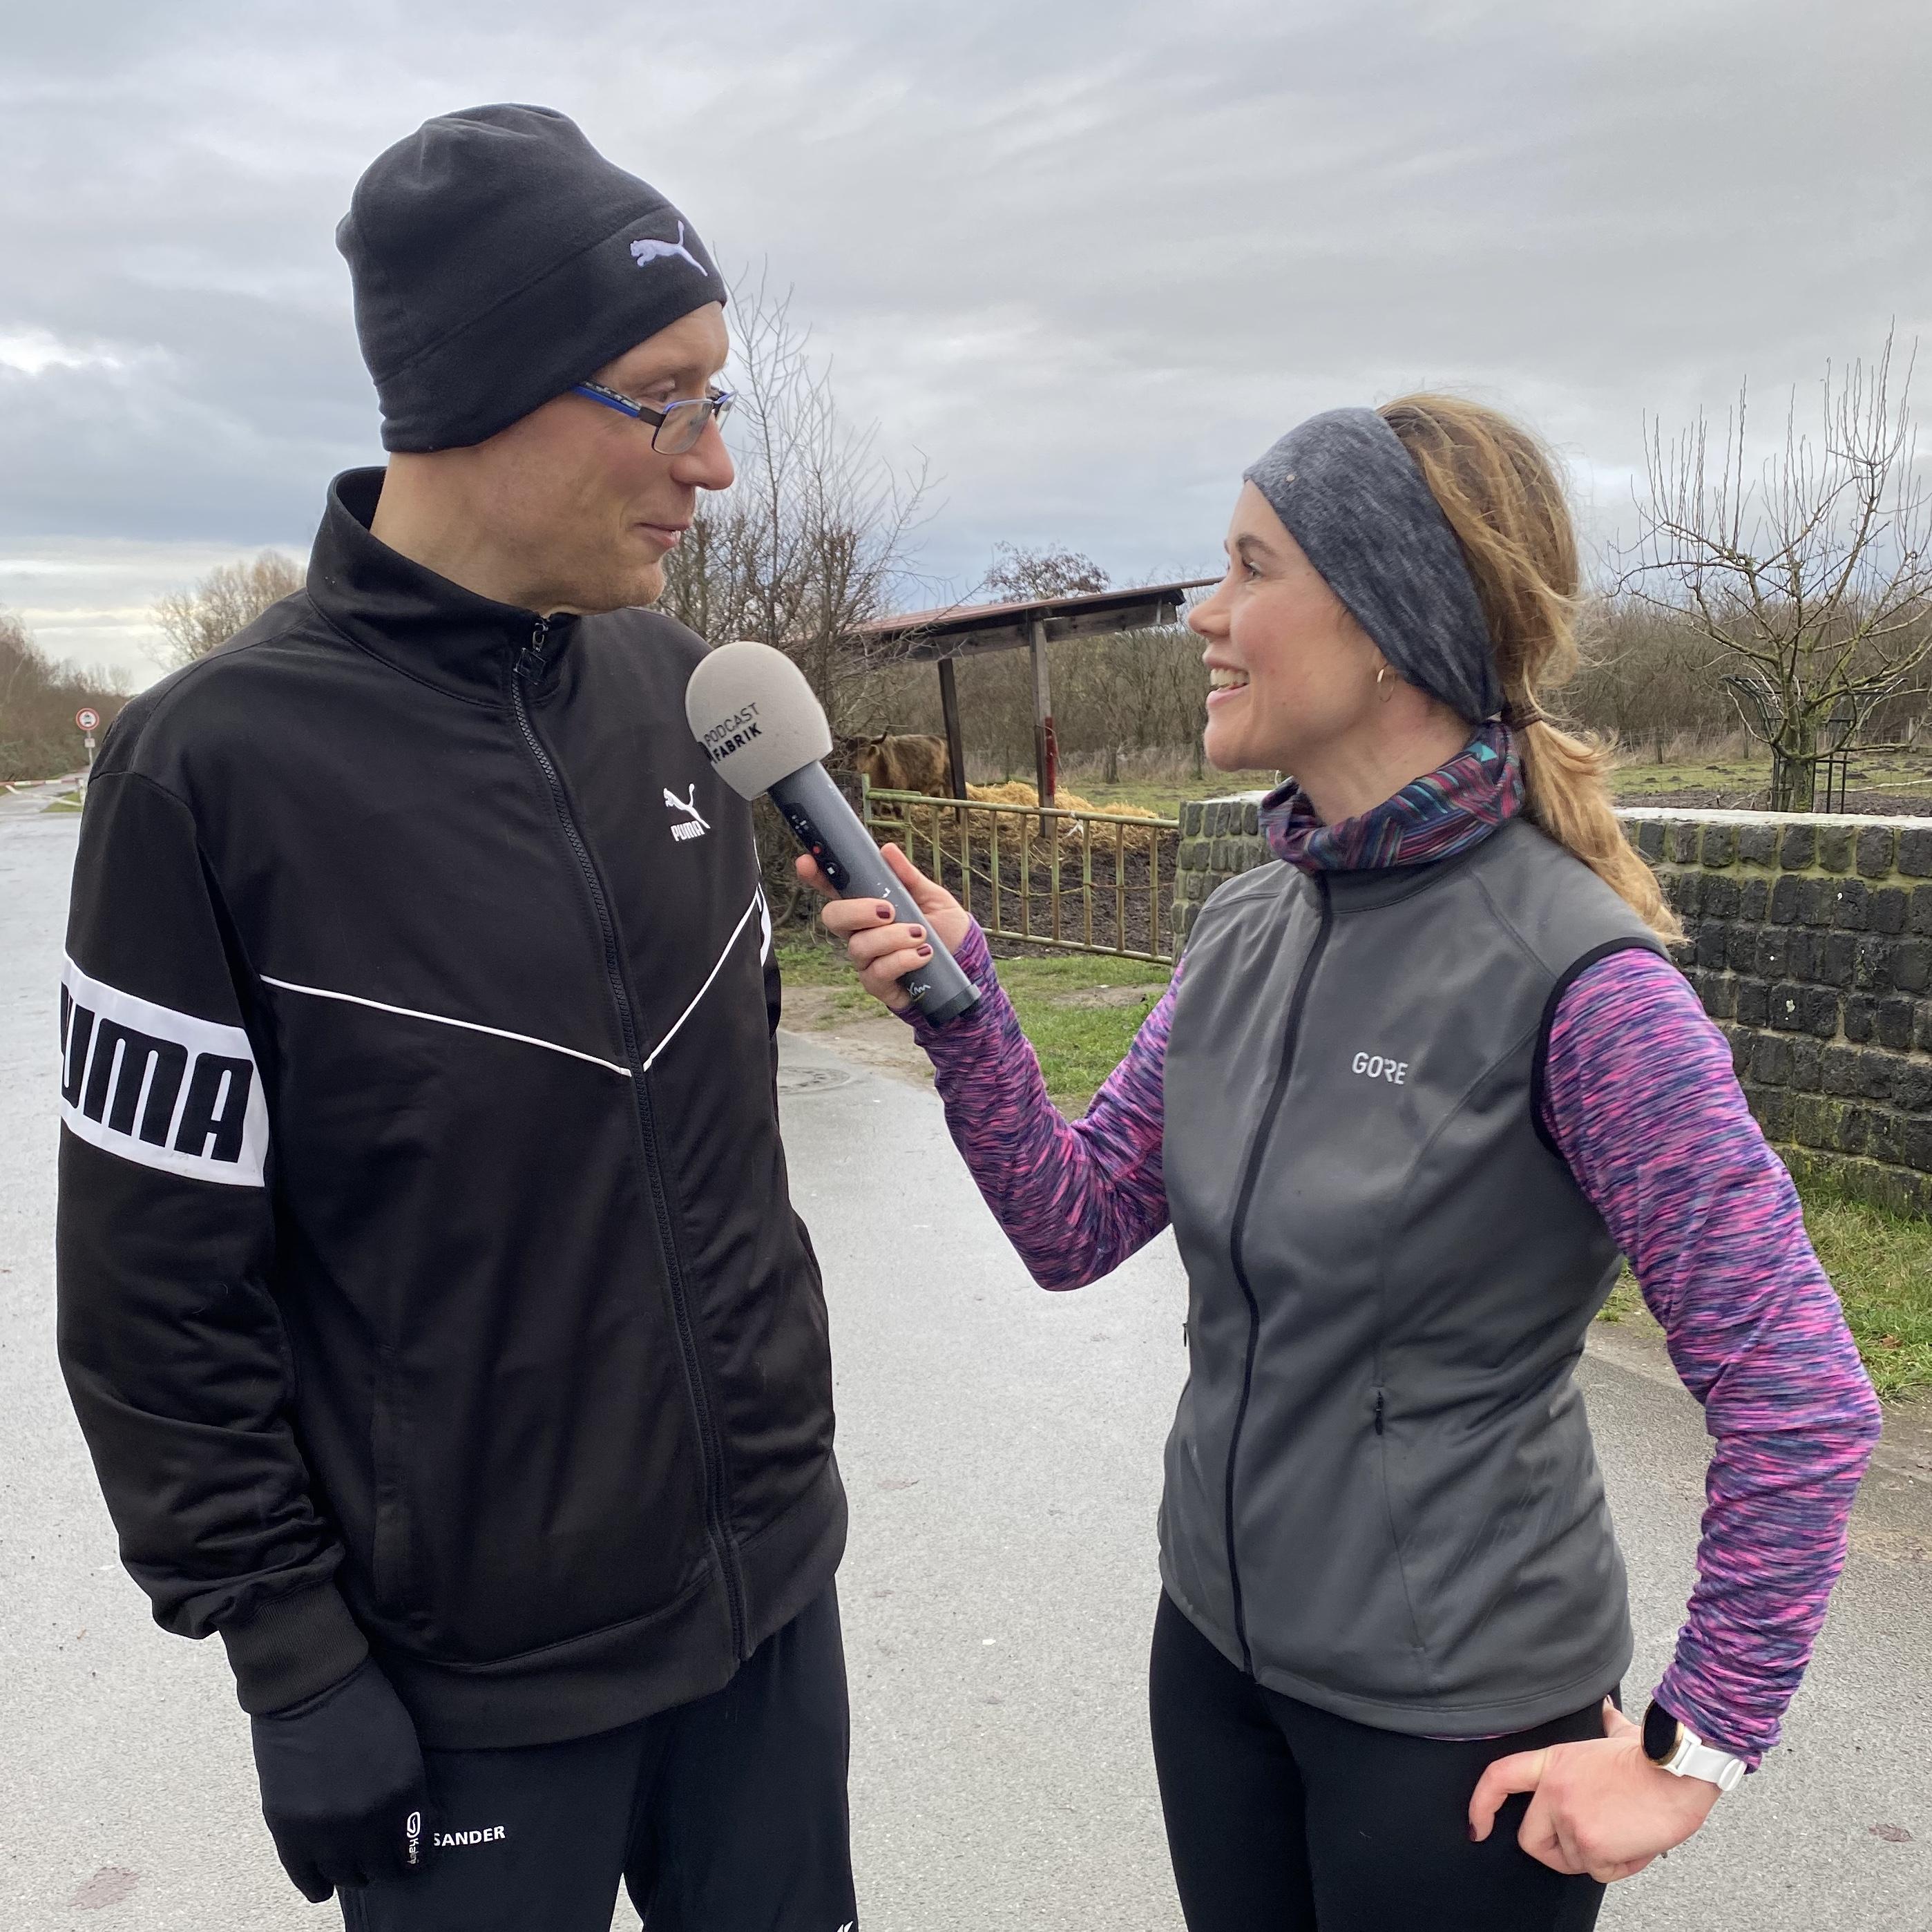 Marathoni Guido Sander: Von 193 Kilo auf unter 80